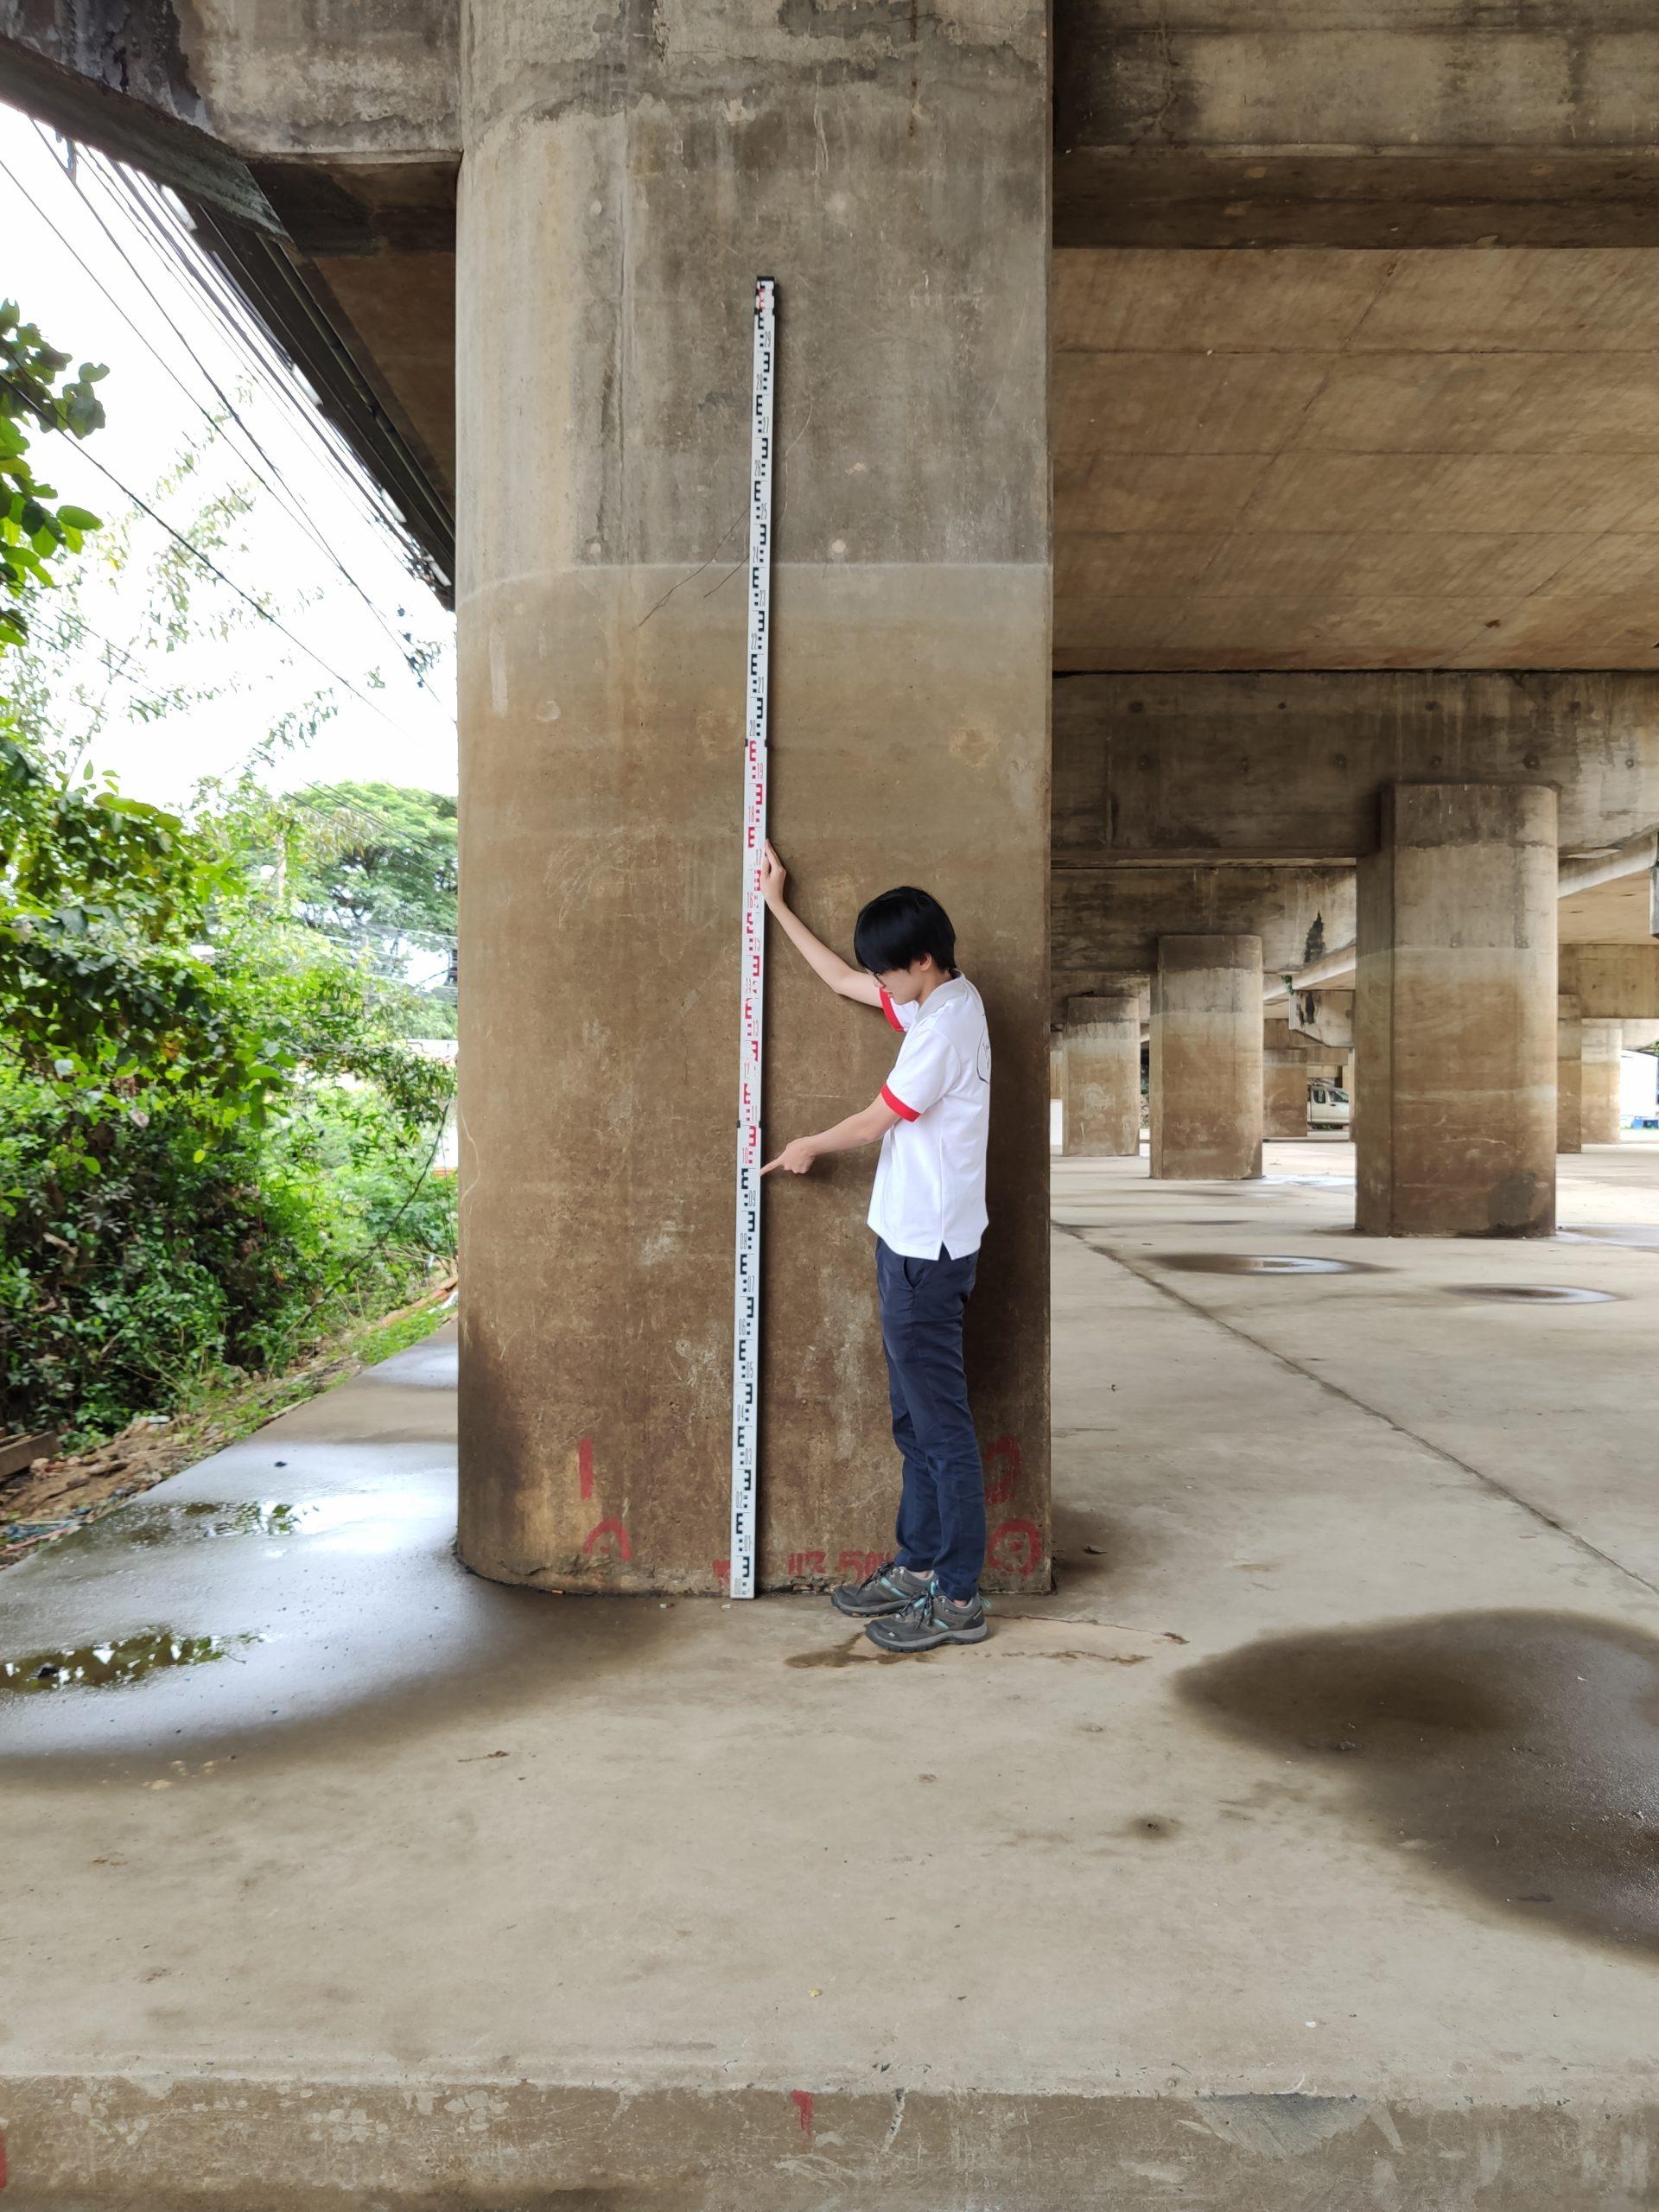 โครงการปรับปรุงระบบสำรวจแบบเคลื่อนที่เพื่อสนับสนุนการติดตามและวิเคราะห์สถานการณ์น้ำ